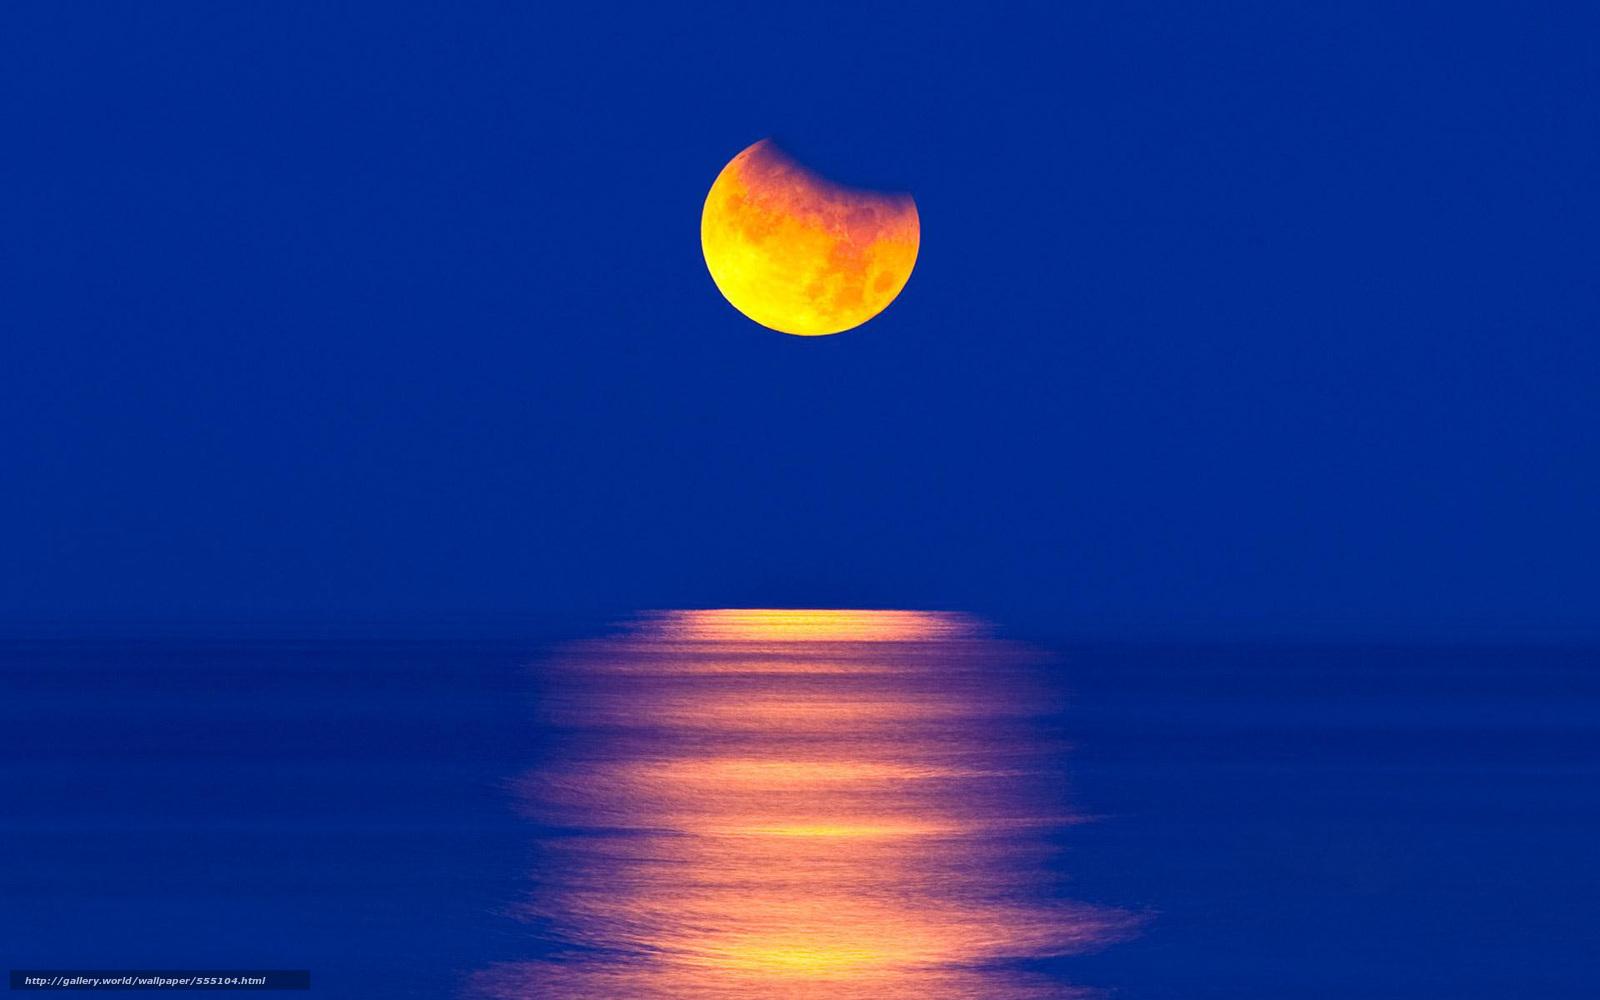 天空, 海, 月亮